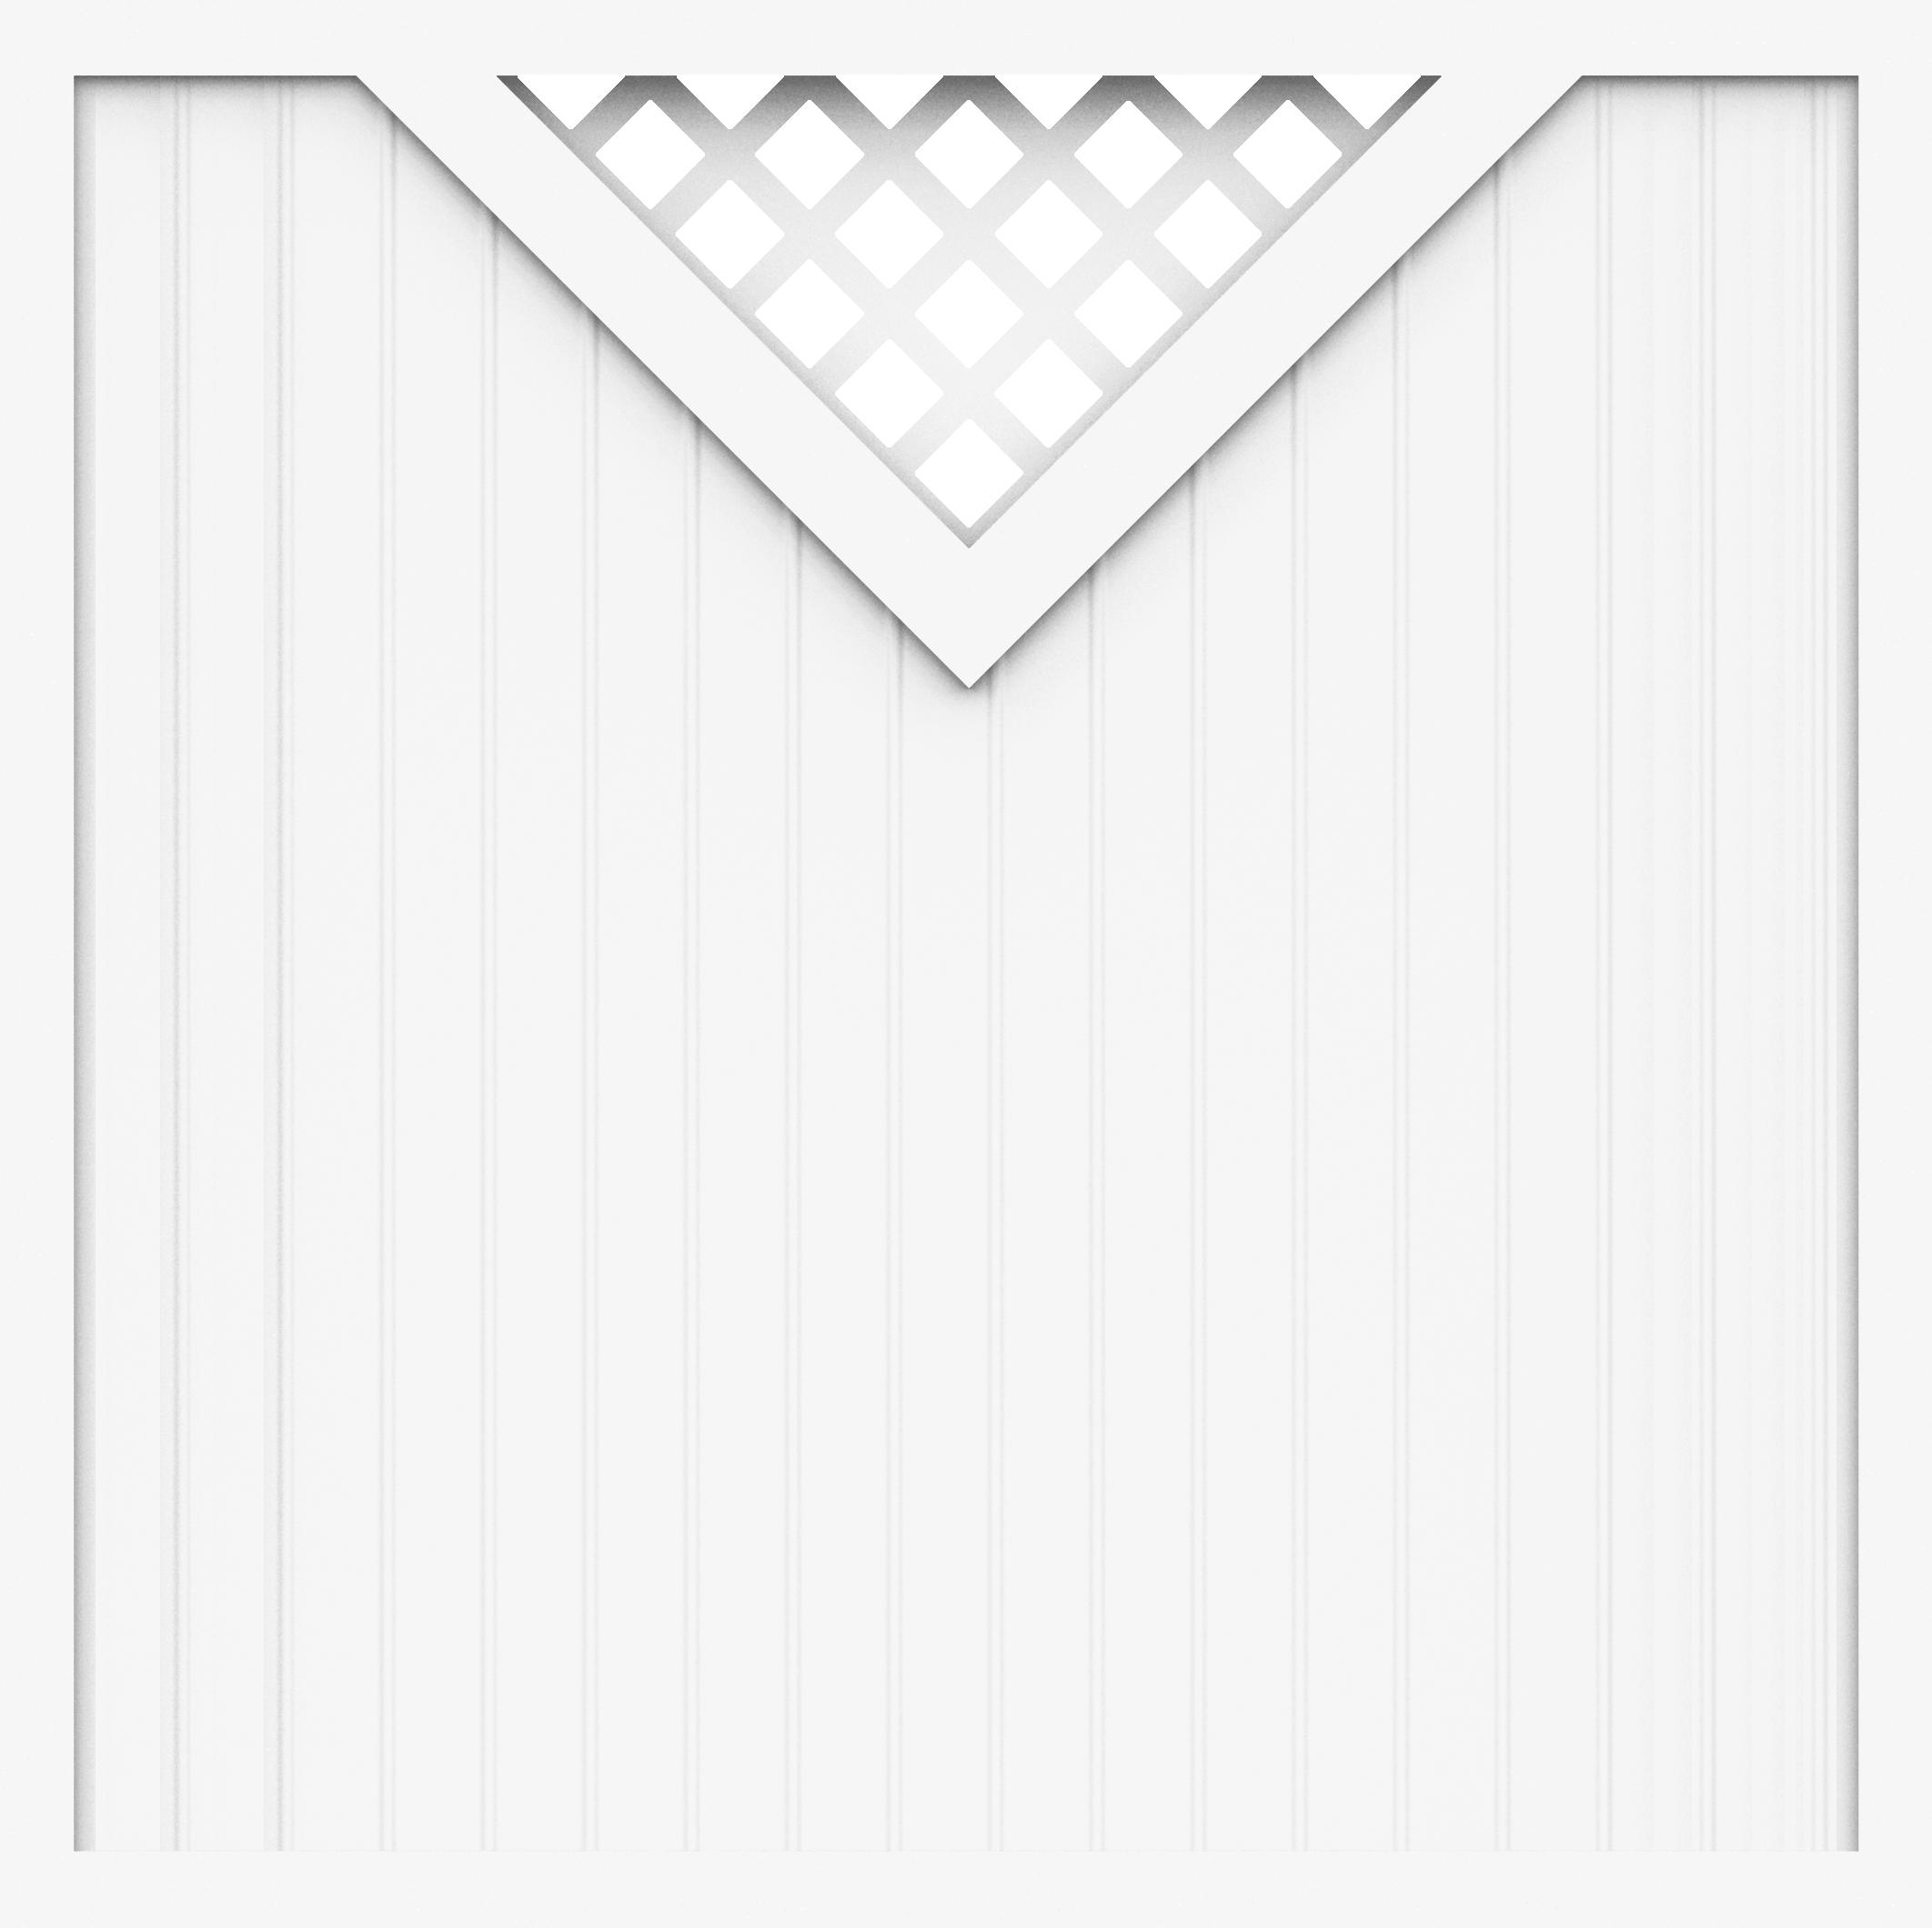 basicline sichtschutz typ b180 weiss 180x180 cm z une sichtschutzelemente im onlineshop. Black Bedroom Furniture Sets. Home Design Ideas